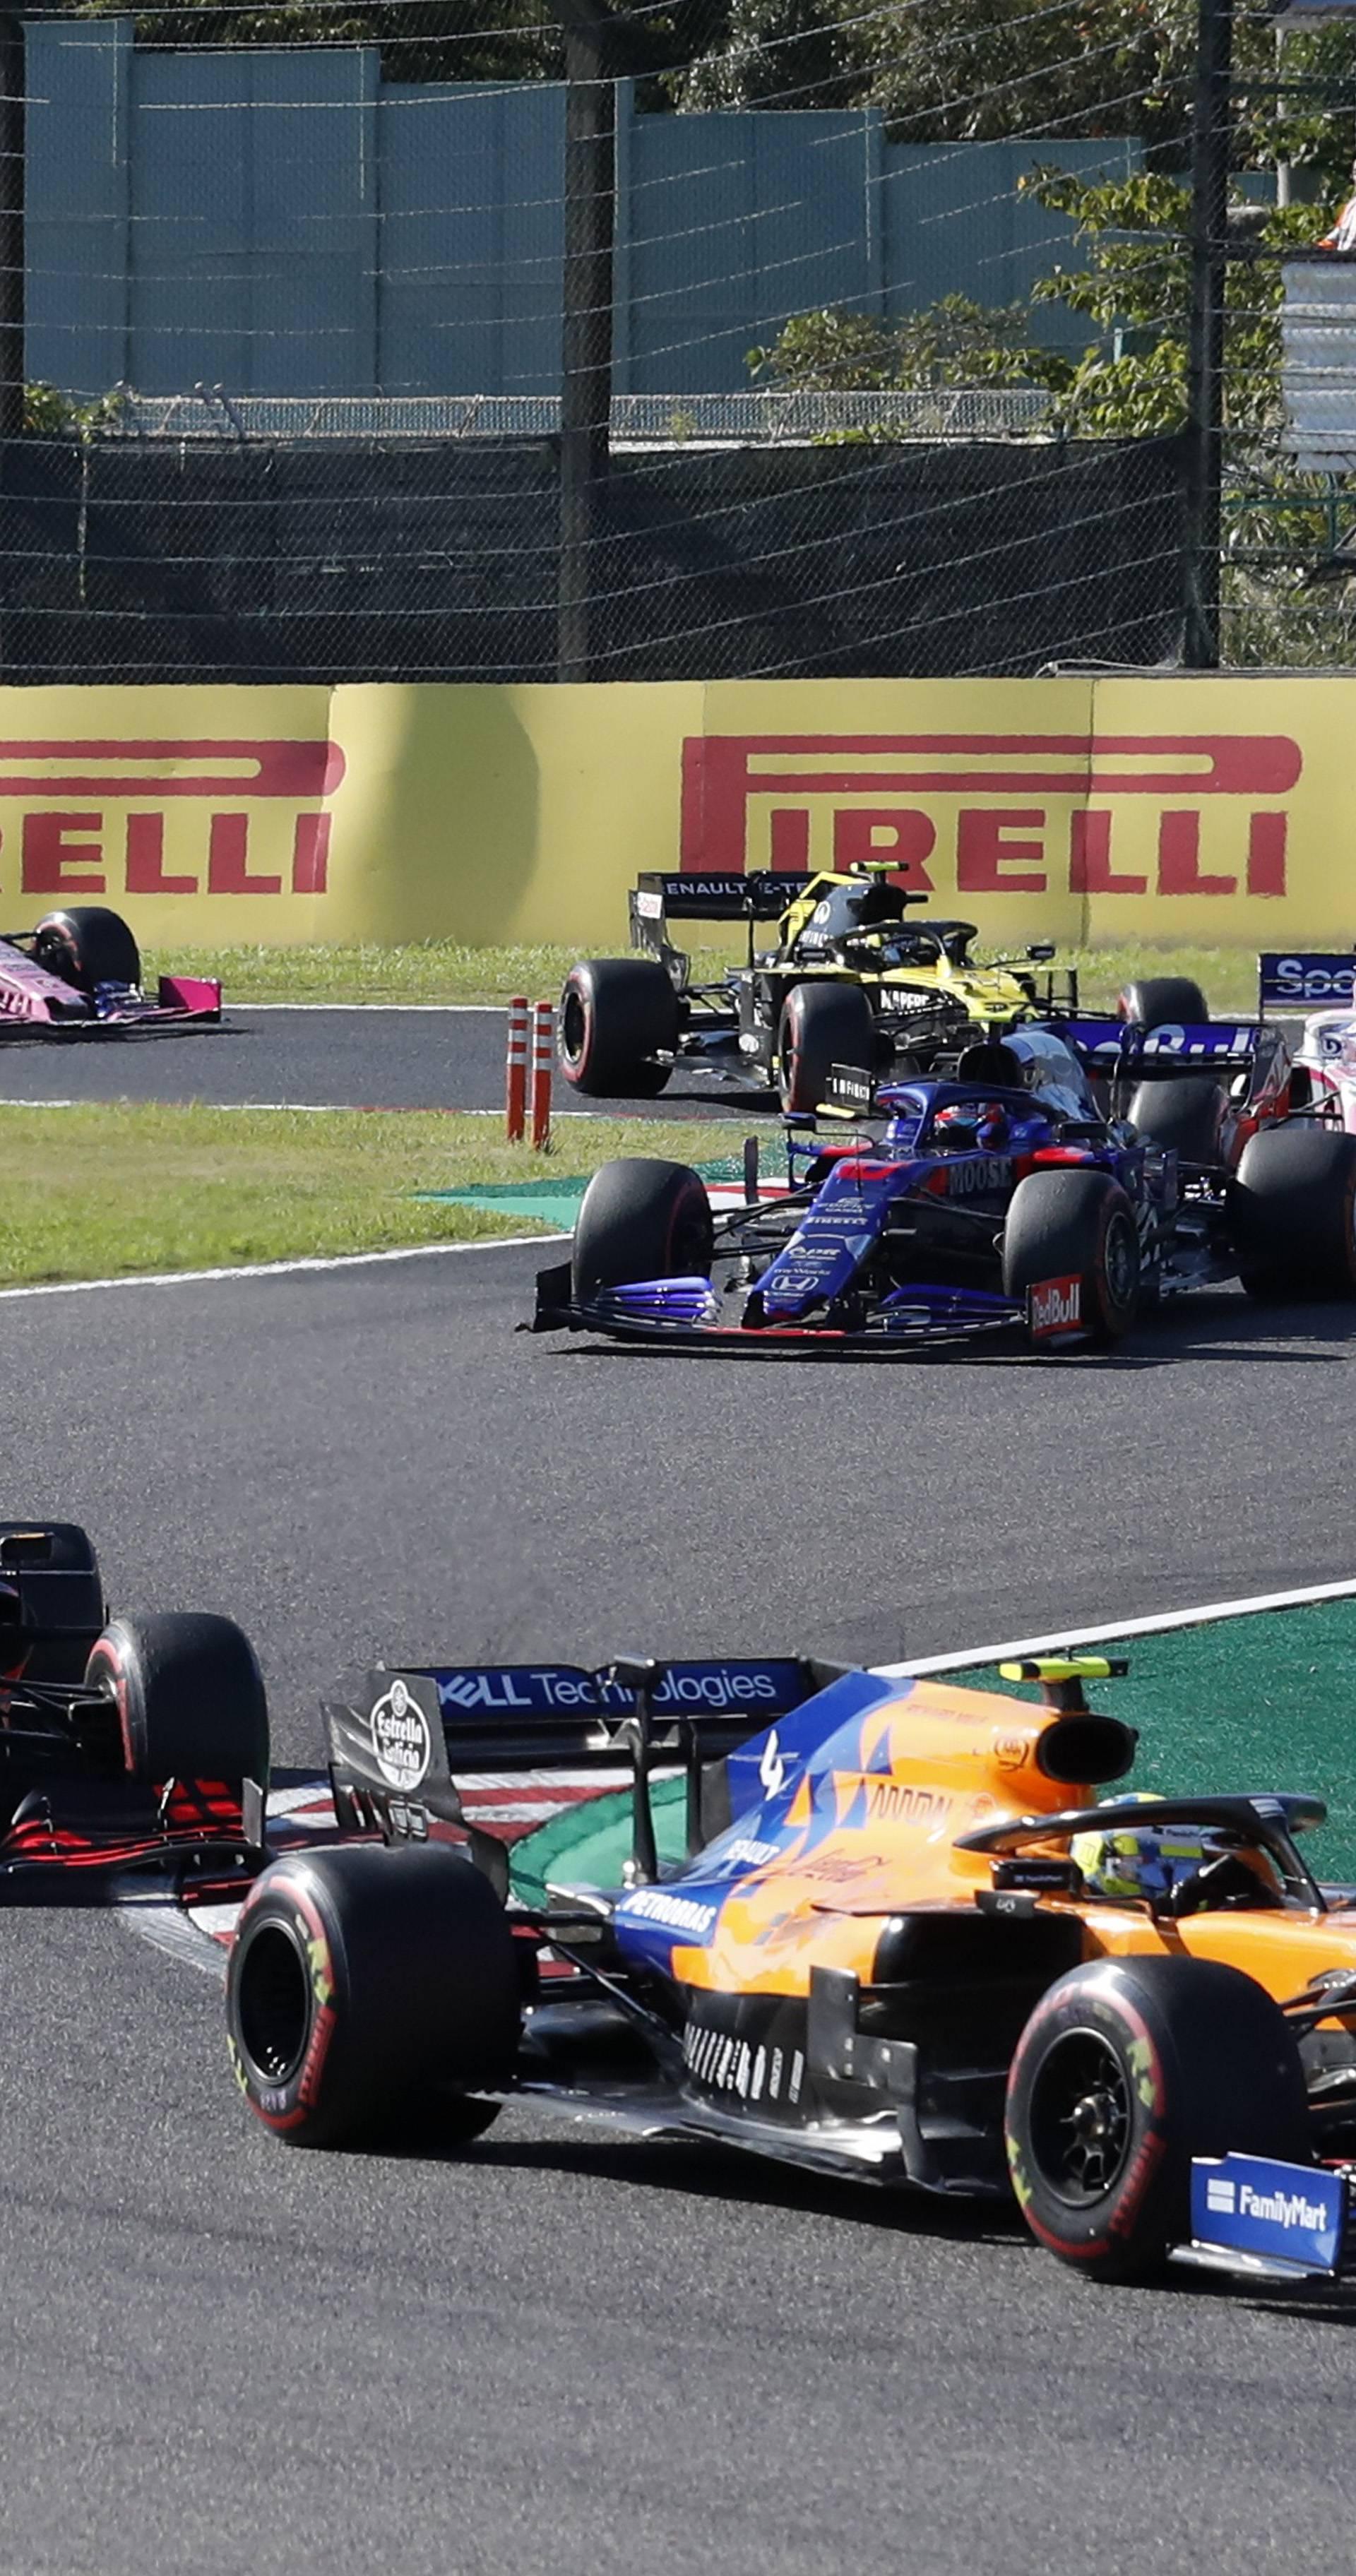 Financijski problemi: Formula 1 poslala pola radnika na odmor!